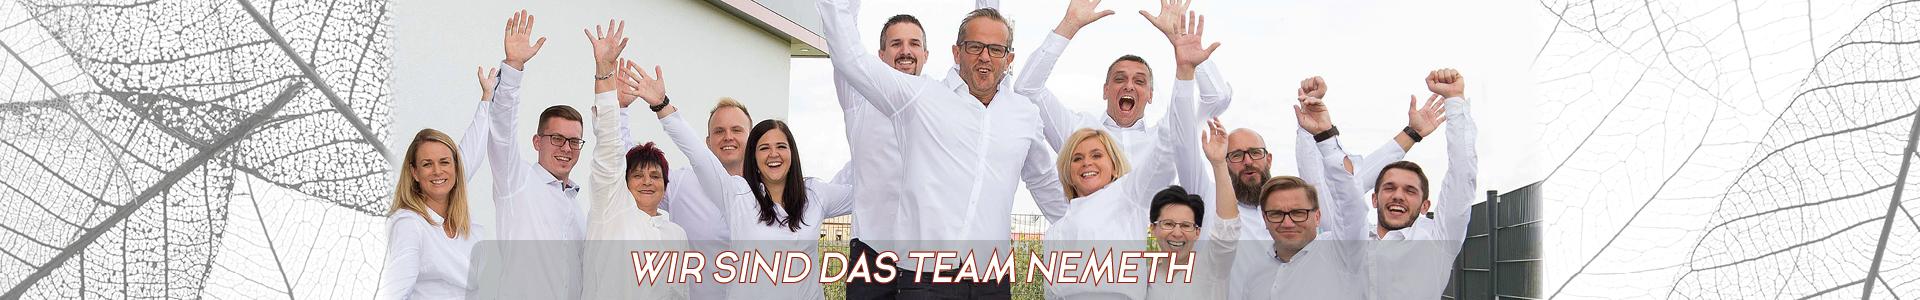 72_Slider_Team_Georg_Nemeth_Werkzeugmaschinen_GmbH_Oberwaltersdorf_Team